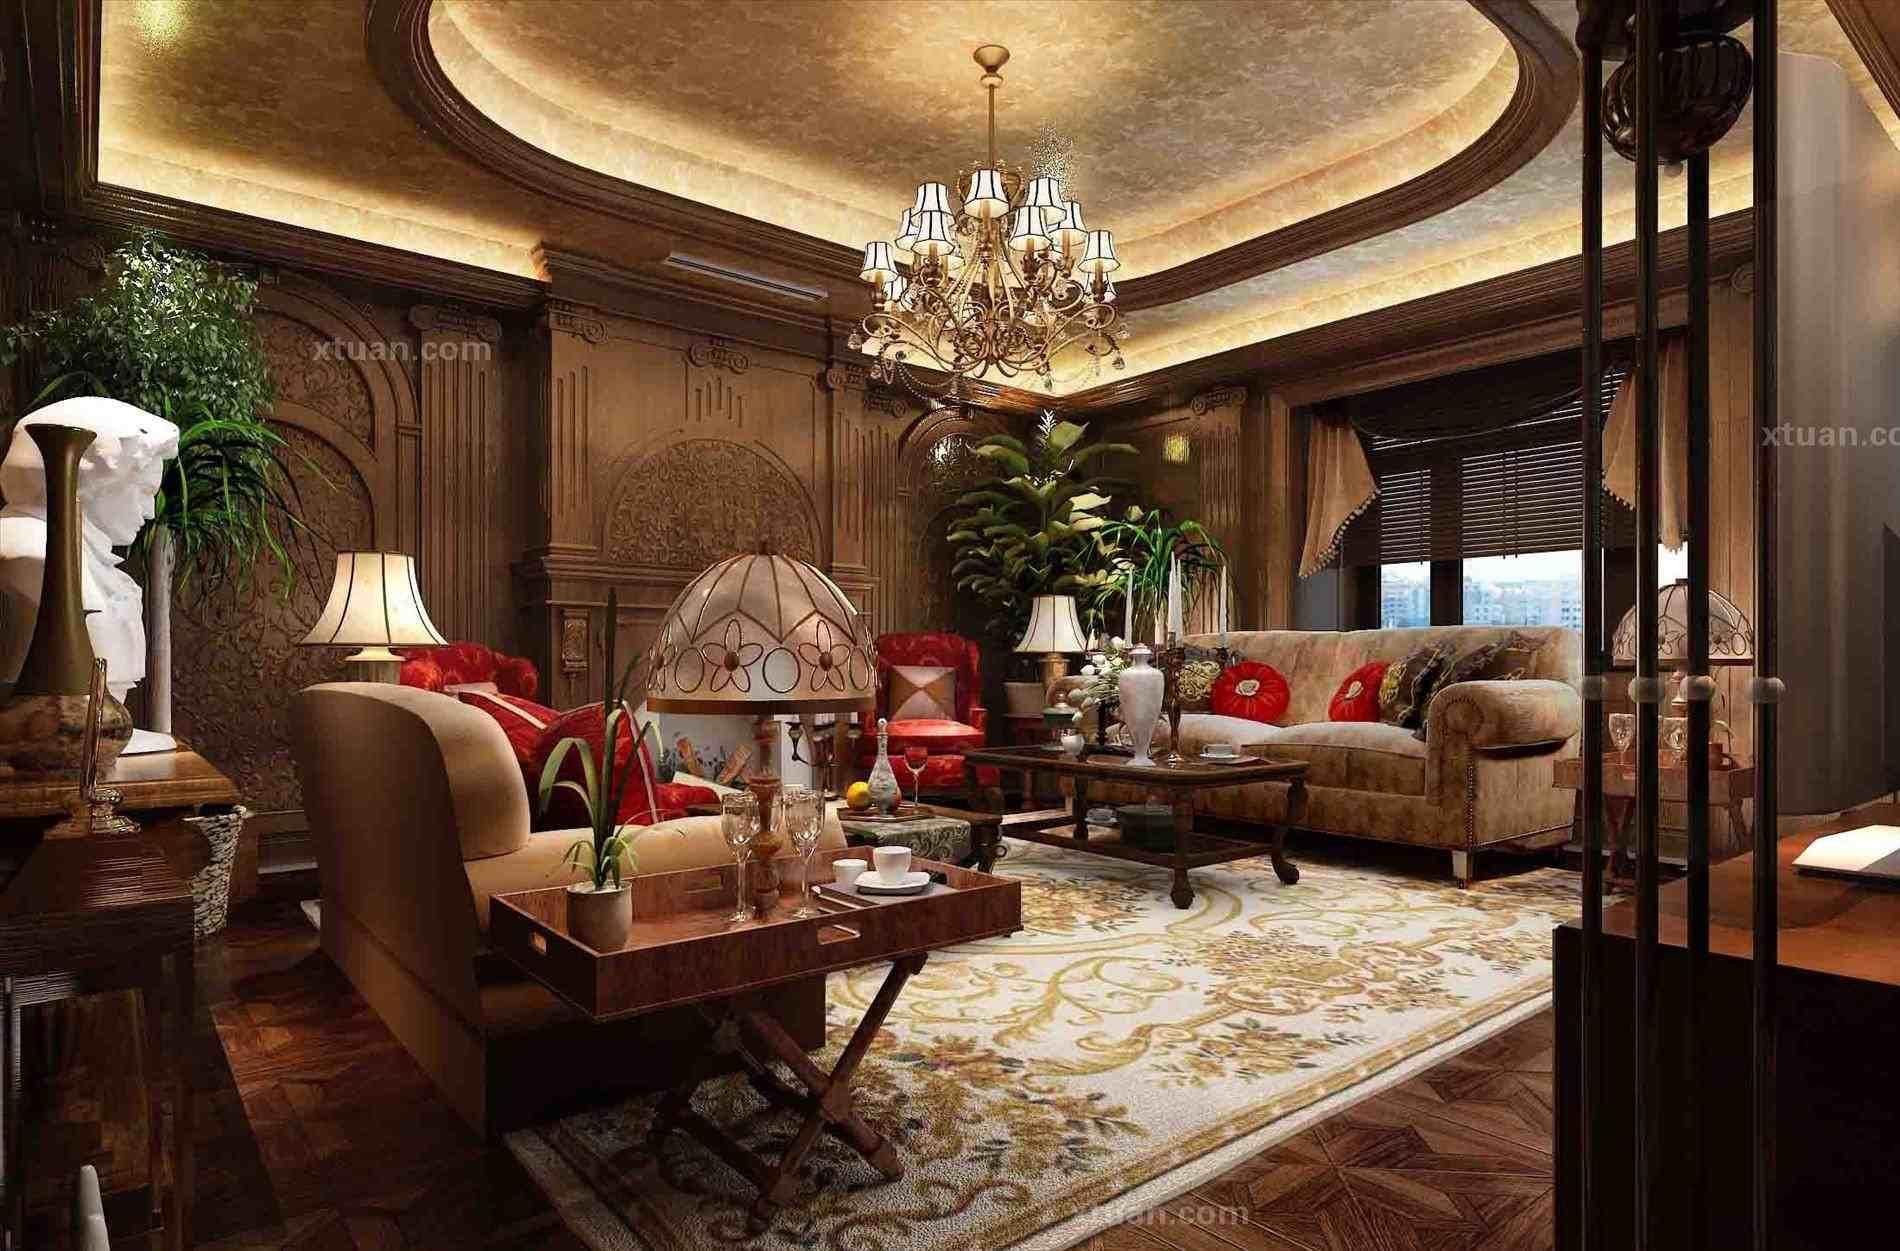 New Post Rustic Italian Interior Design Visit Bobayule Trending Decors